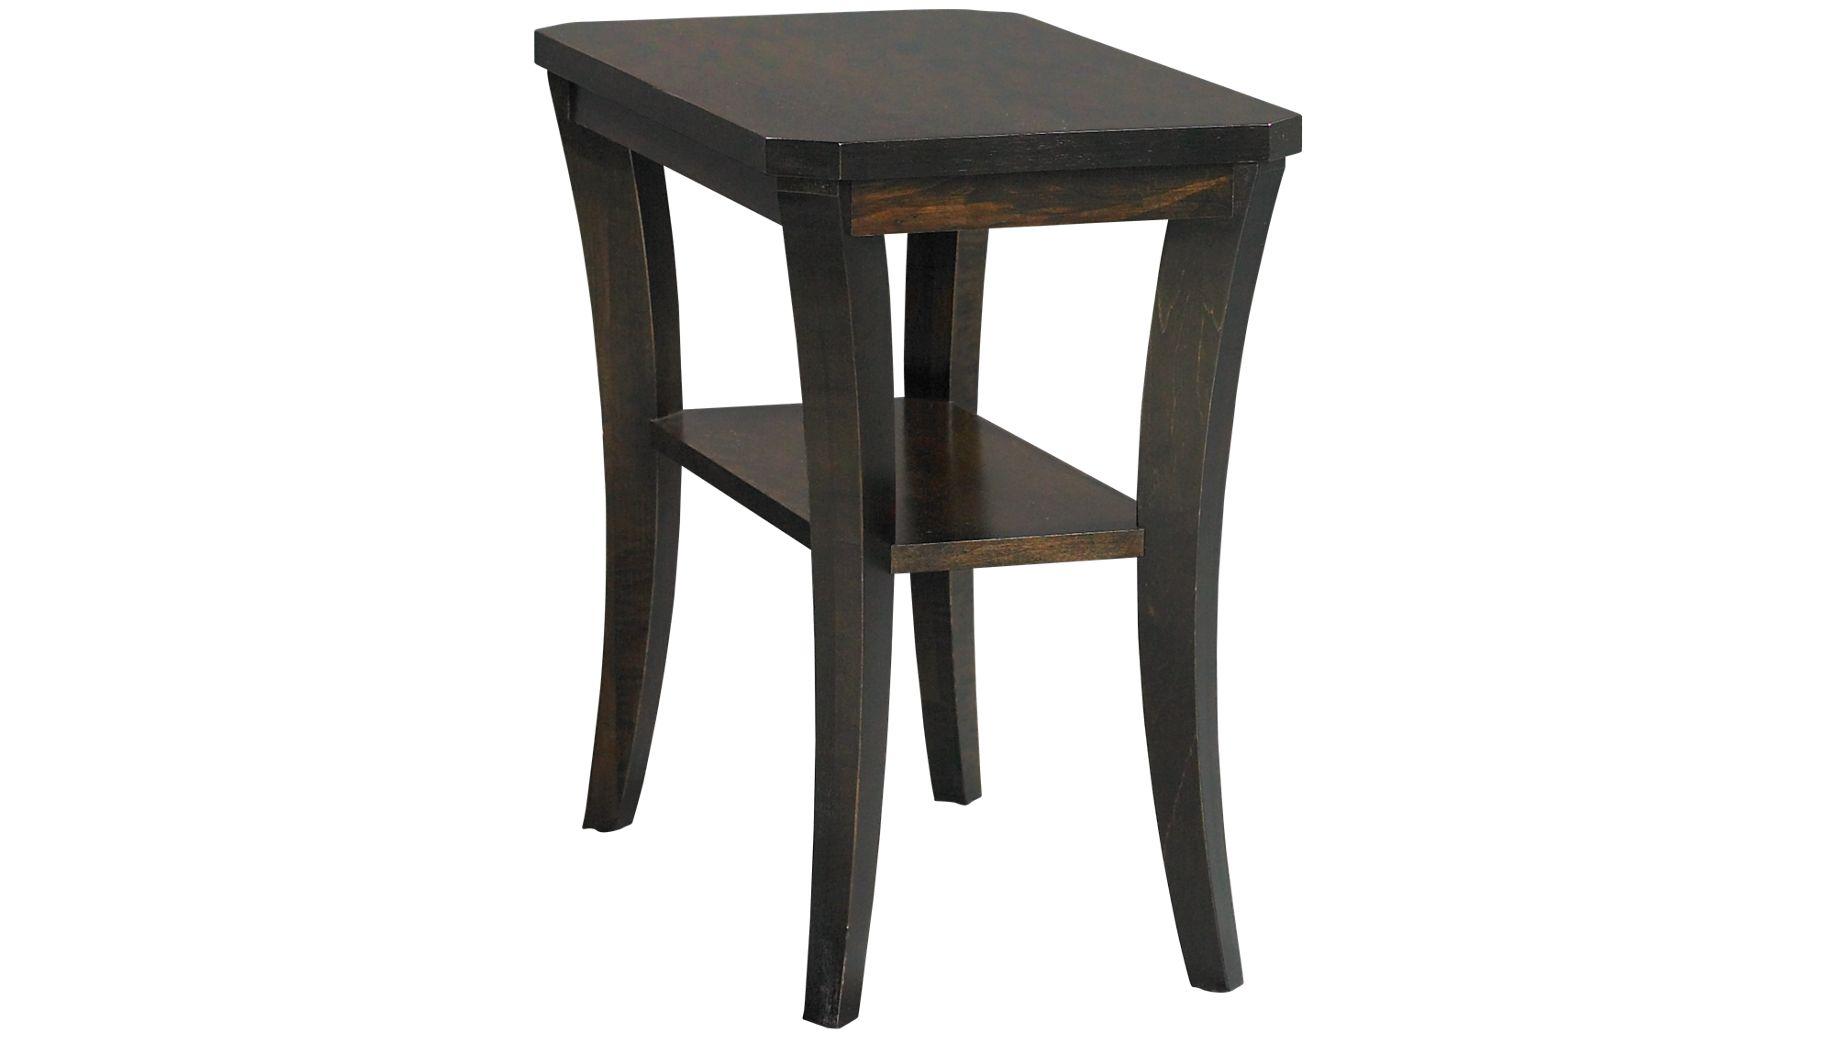 Aa Laun Coffee Table Aalaun Urbane Aalaun Urbane Chairside Table Jordans Furniture